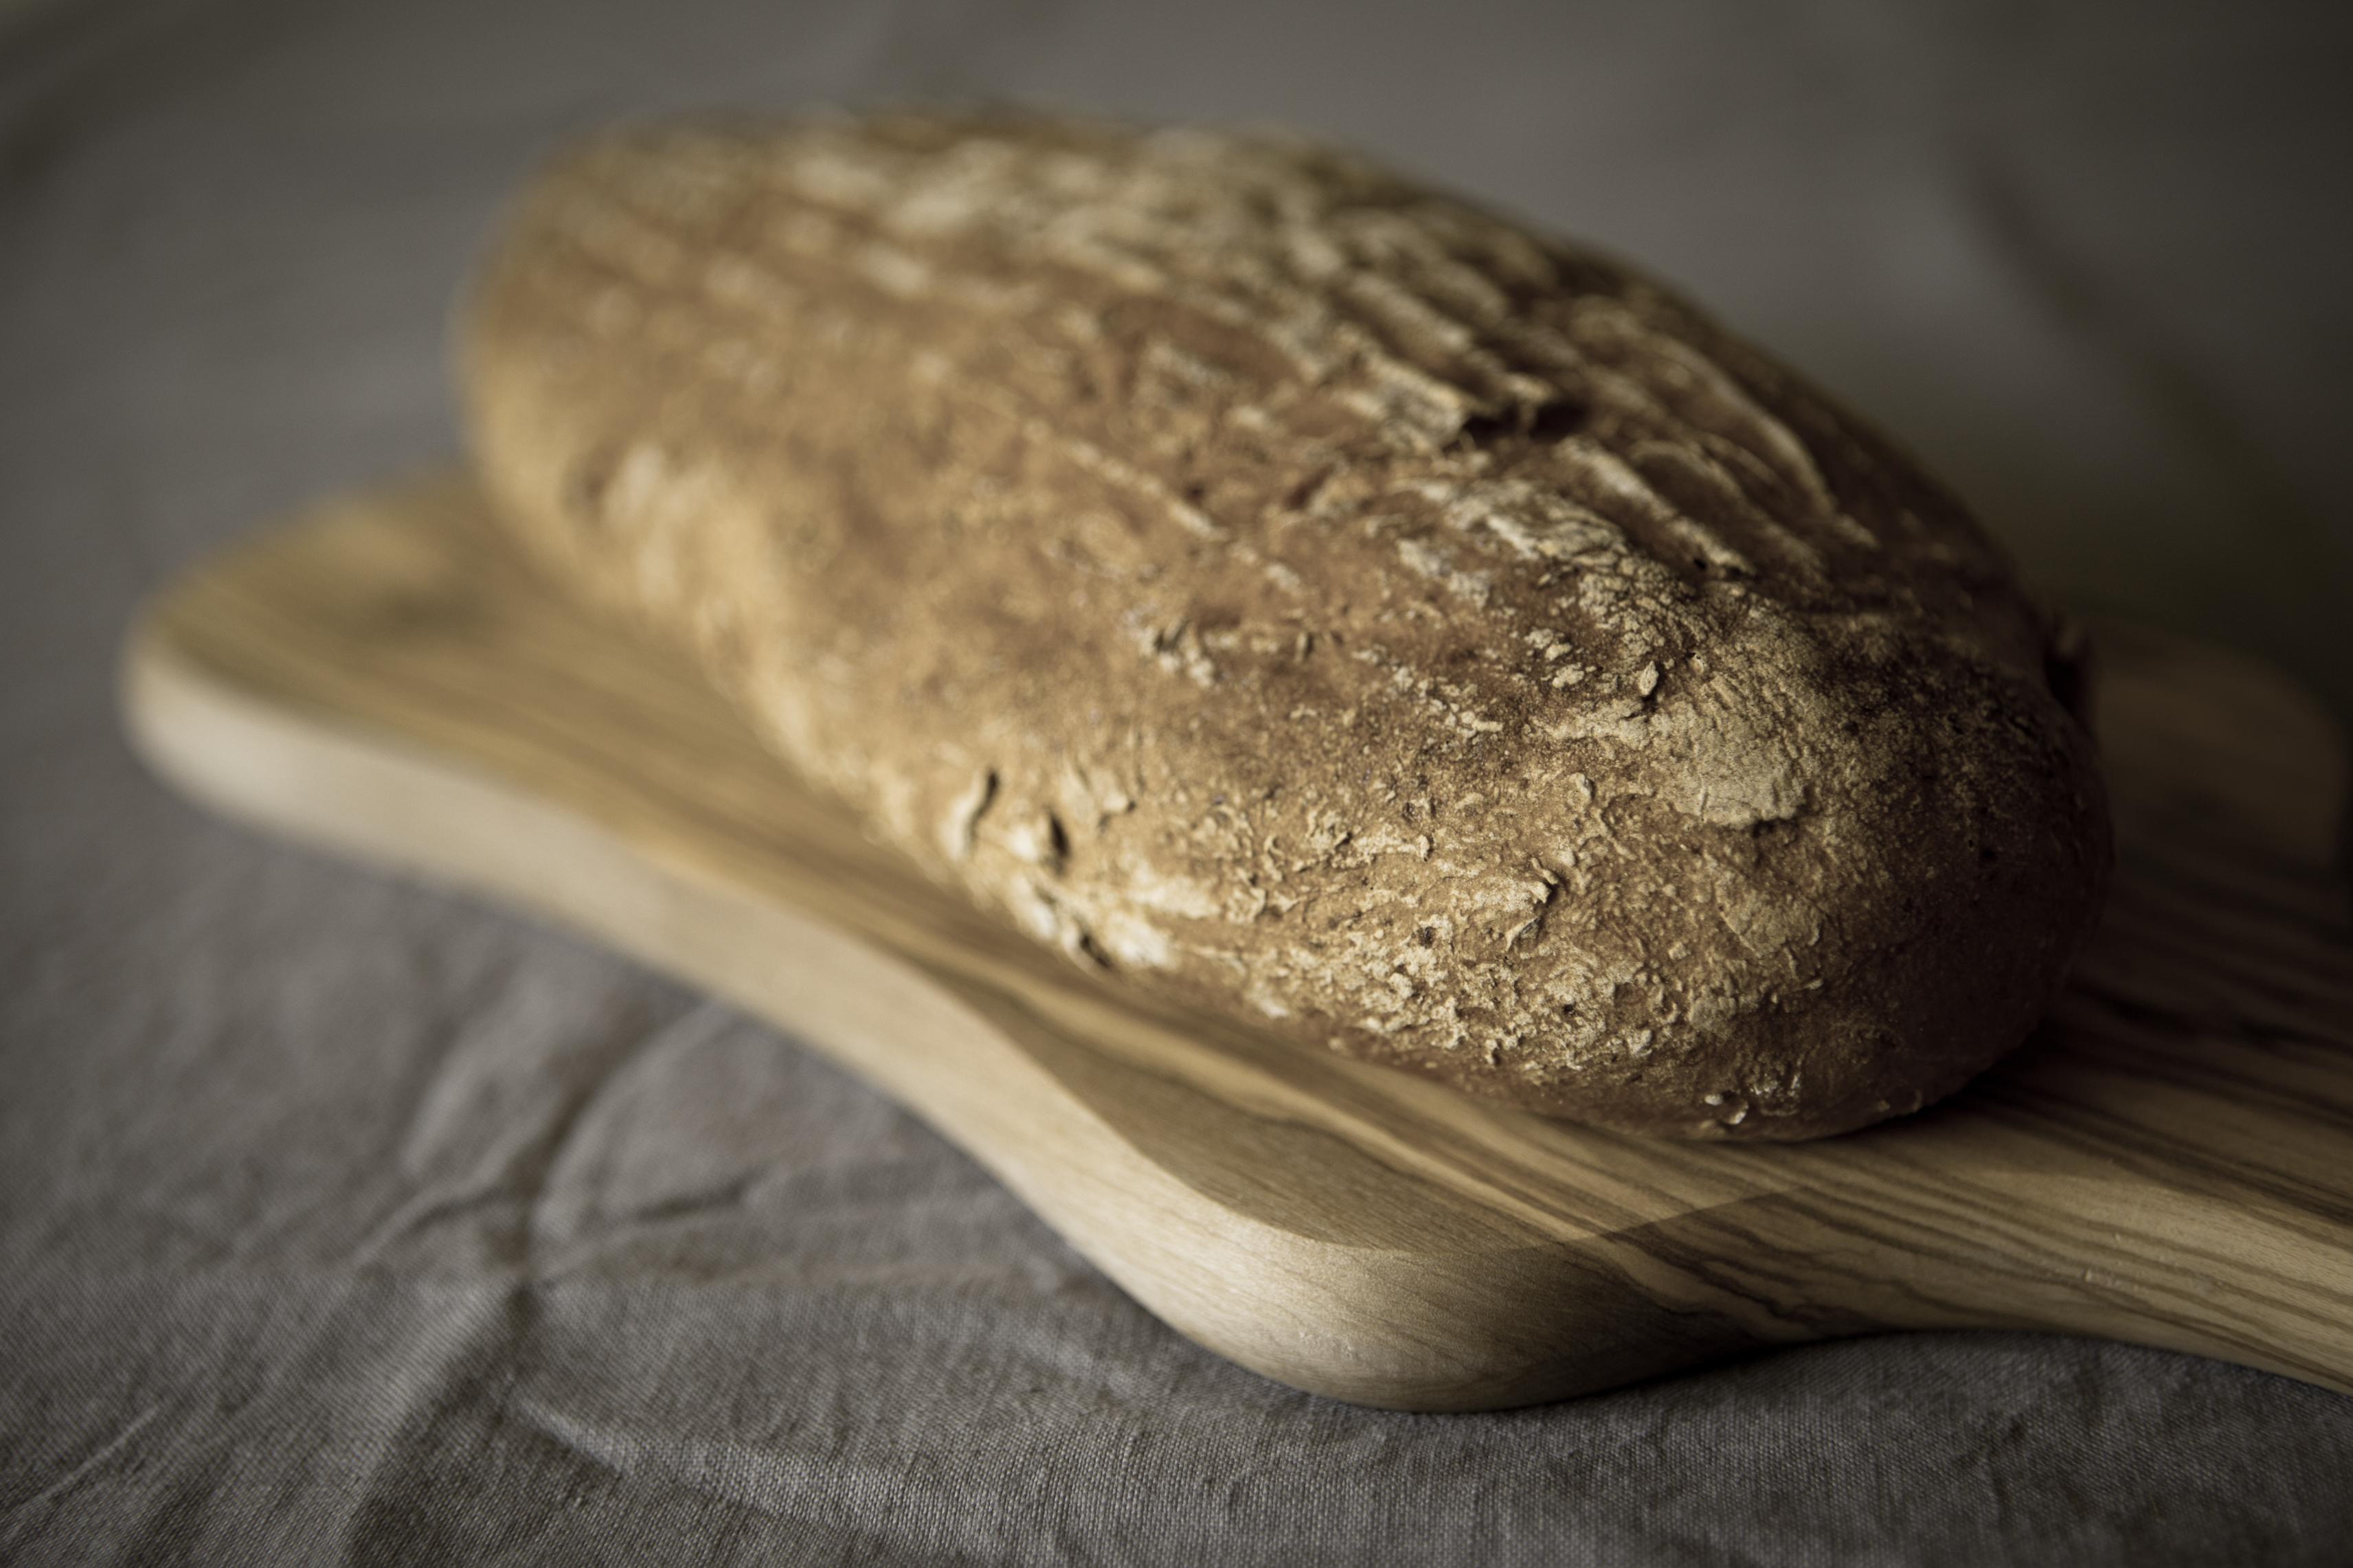 Bezlepkovy_chleb